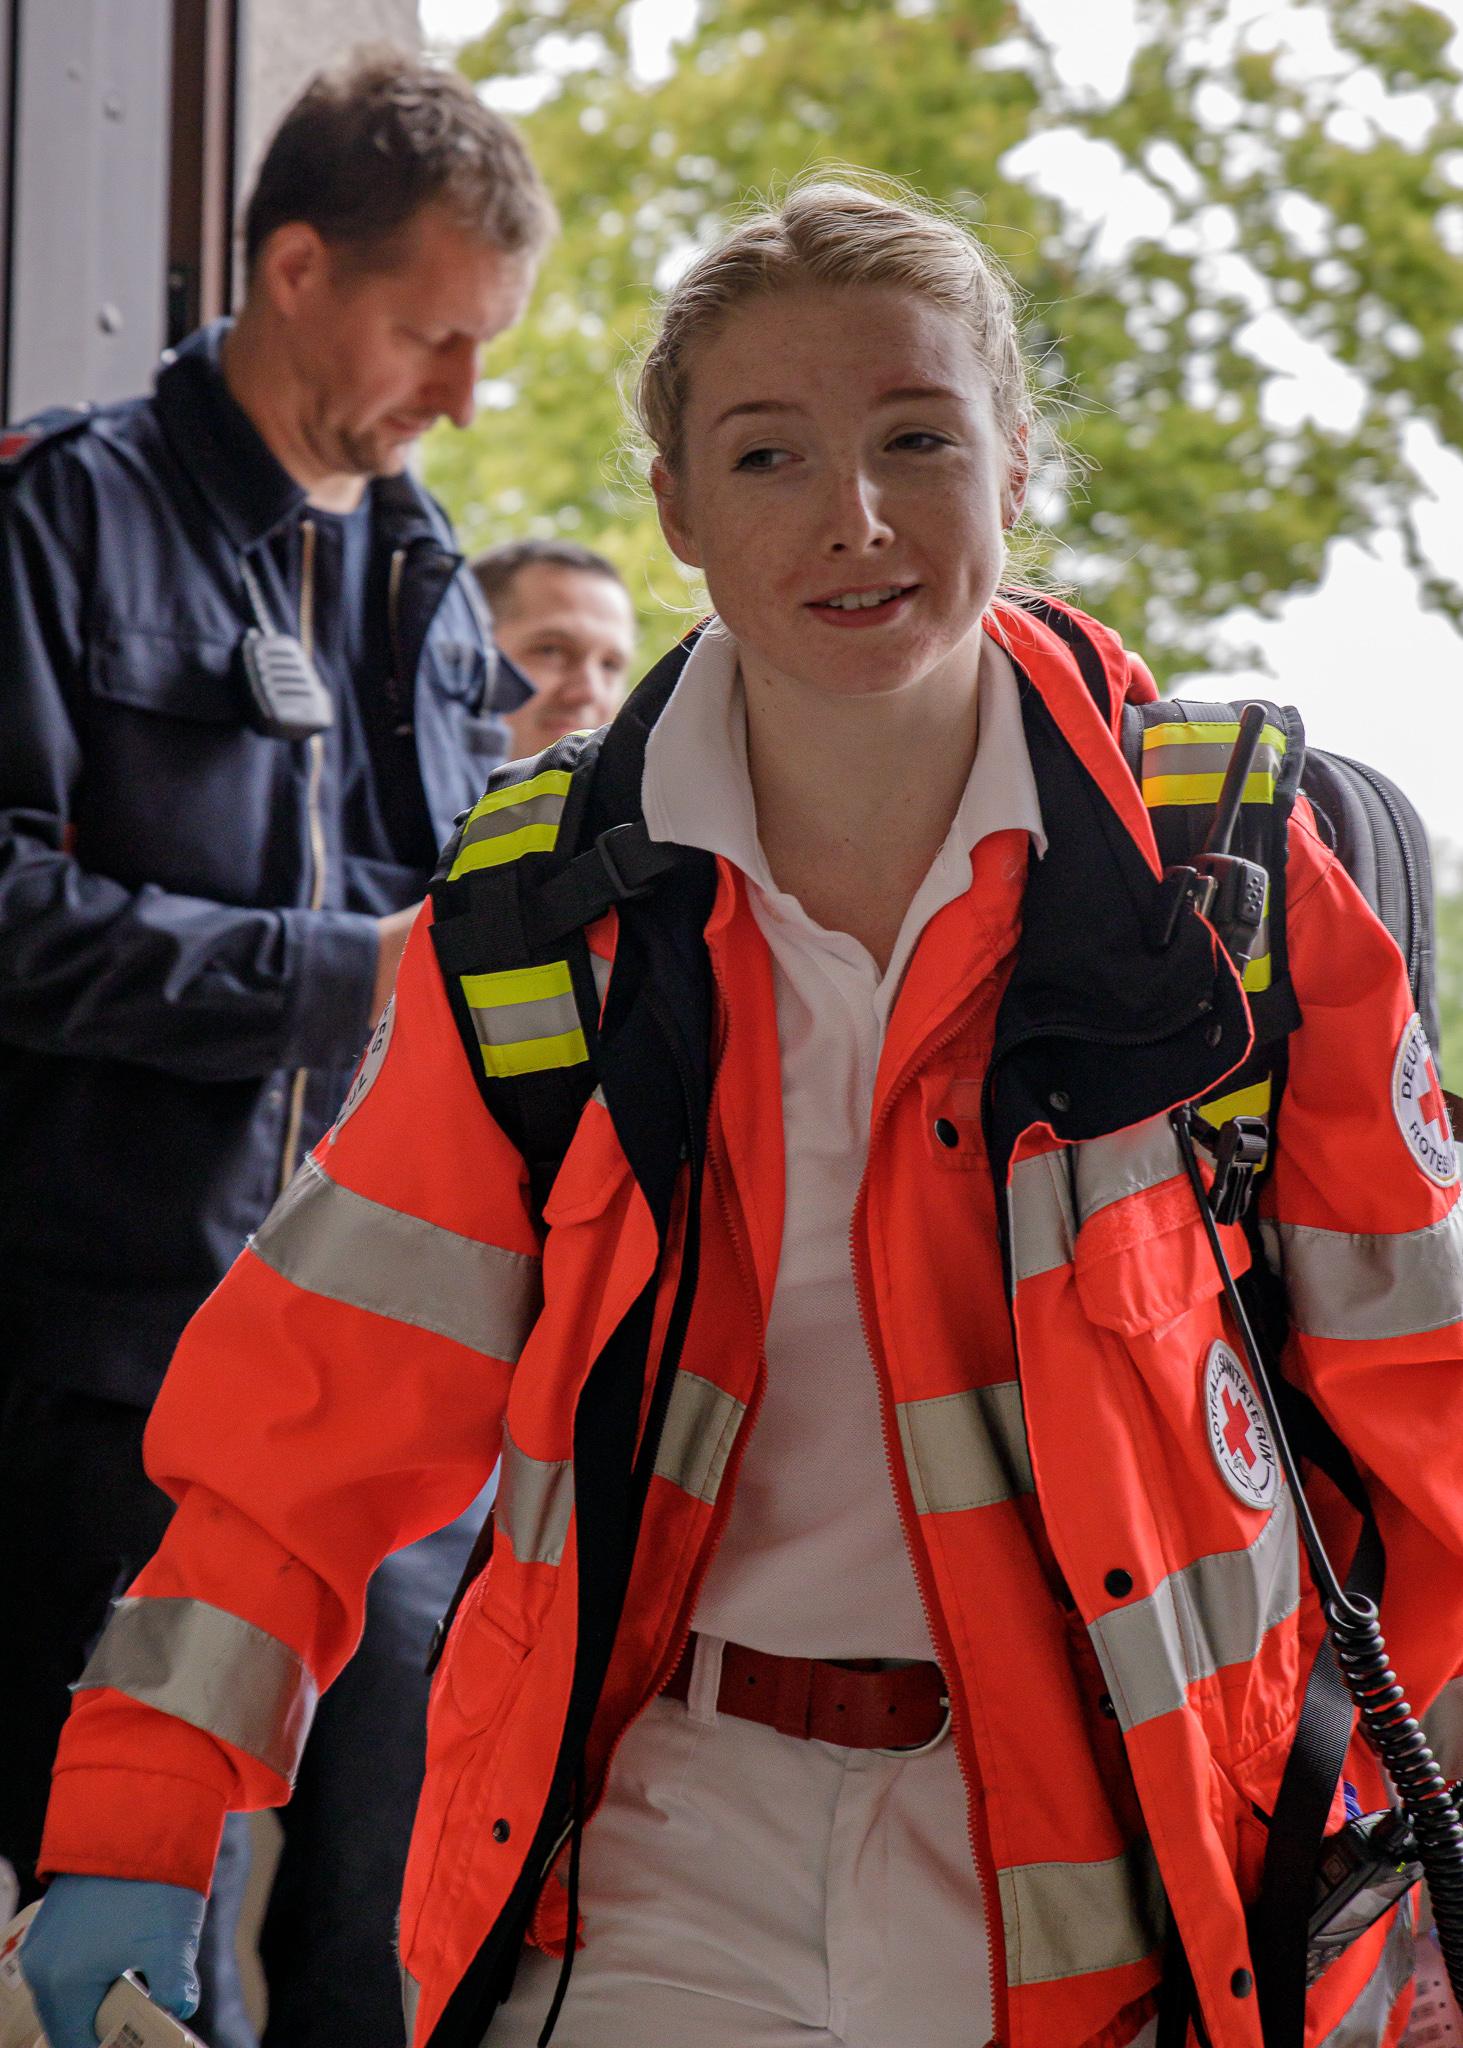 FeuerwehrSim 2019 Weinkeller-1